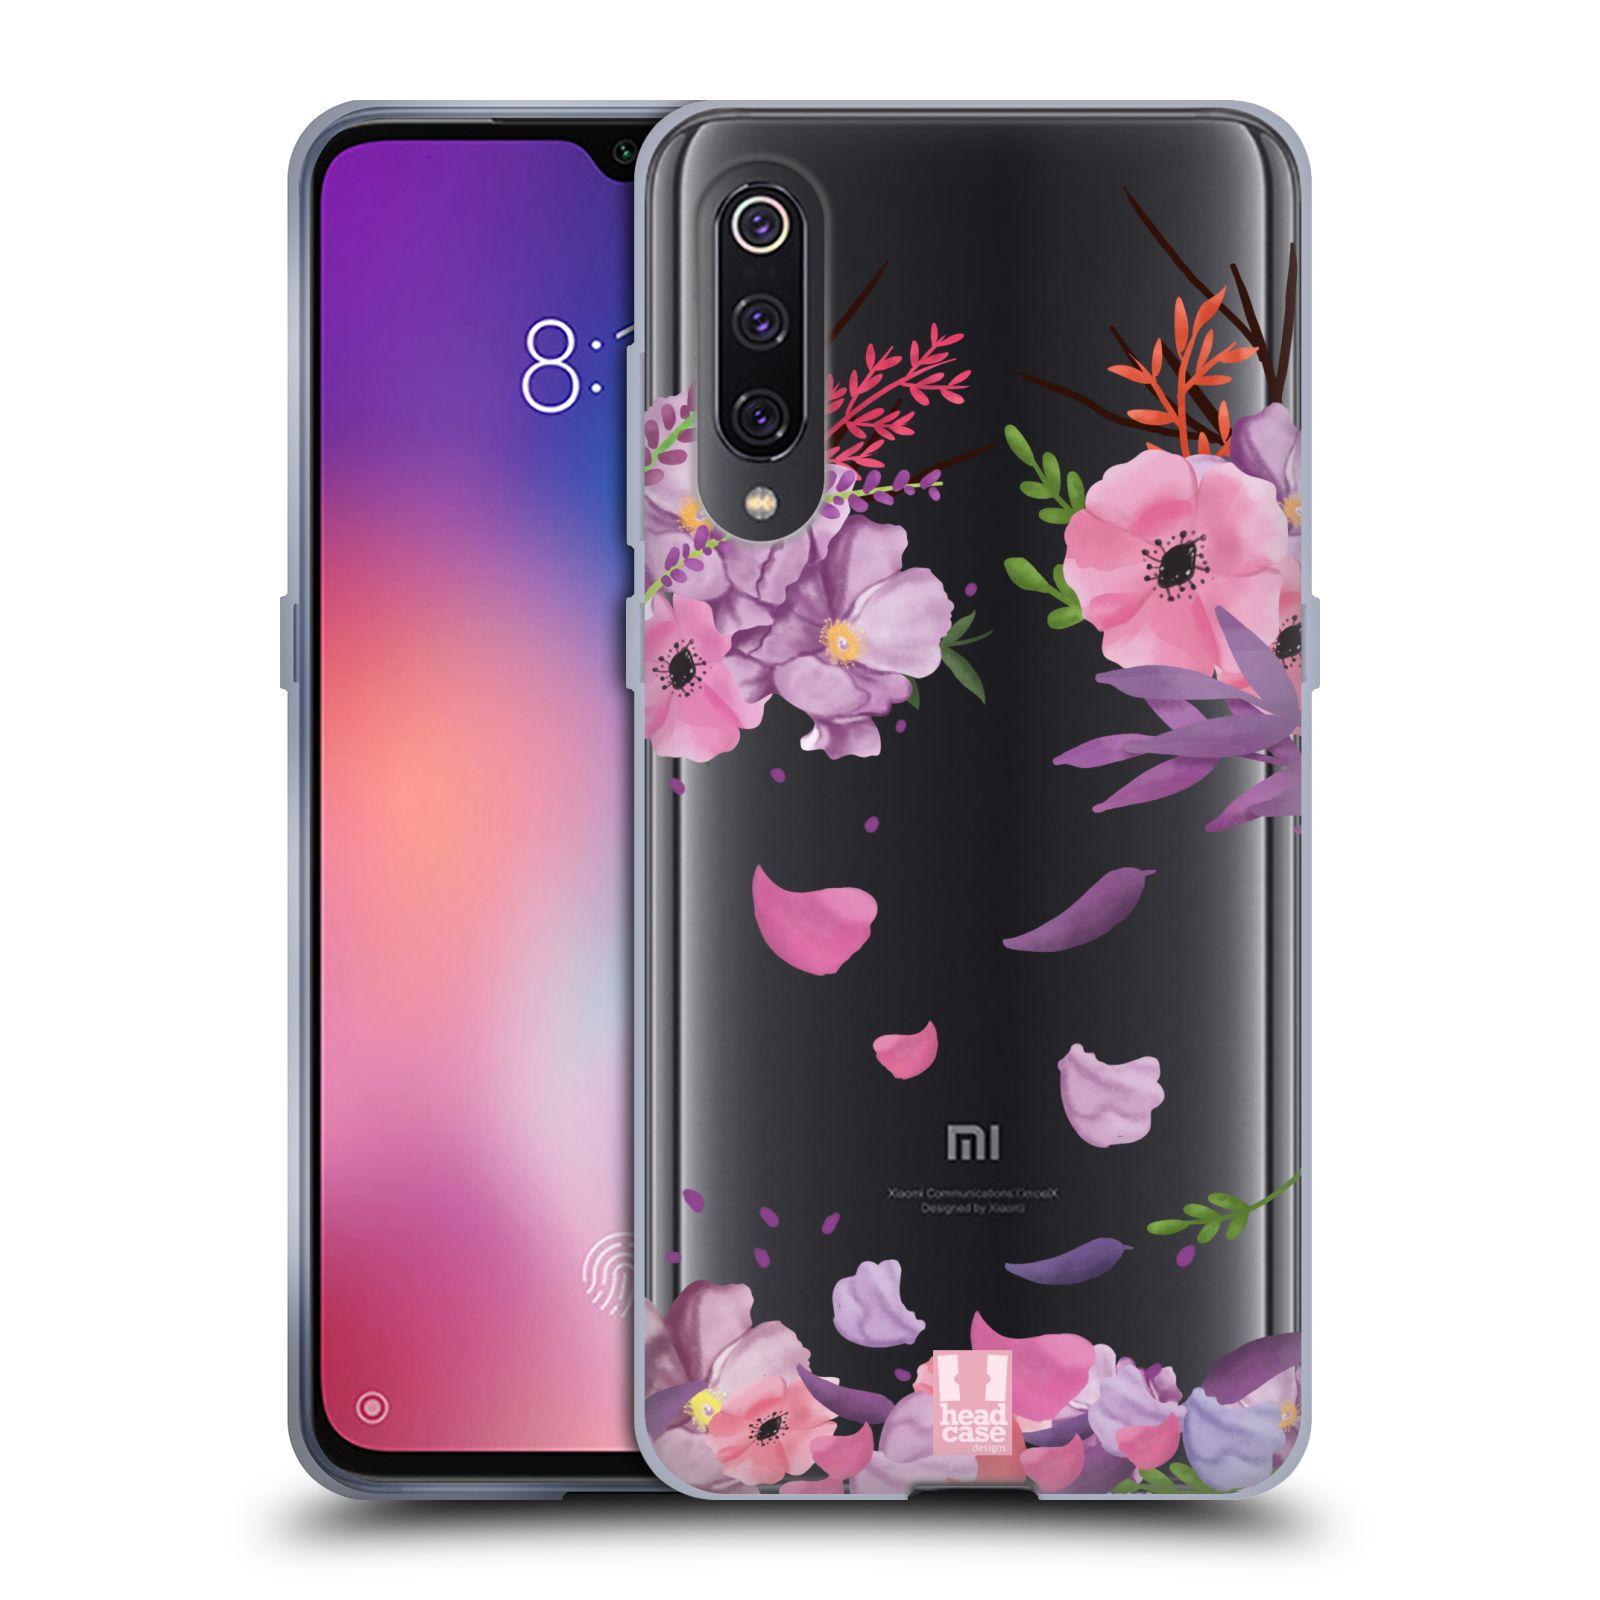 Silikonové pouzdro na mobil Xiaomi Mi 9 - Head Case - Okvětní lístky